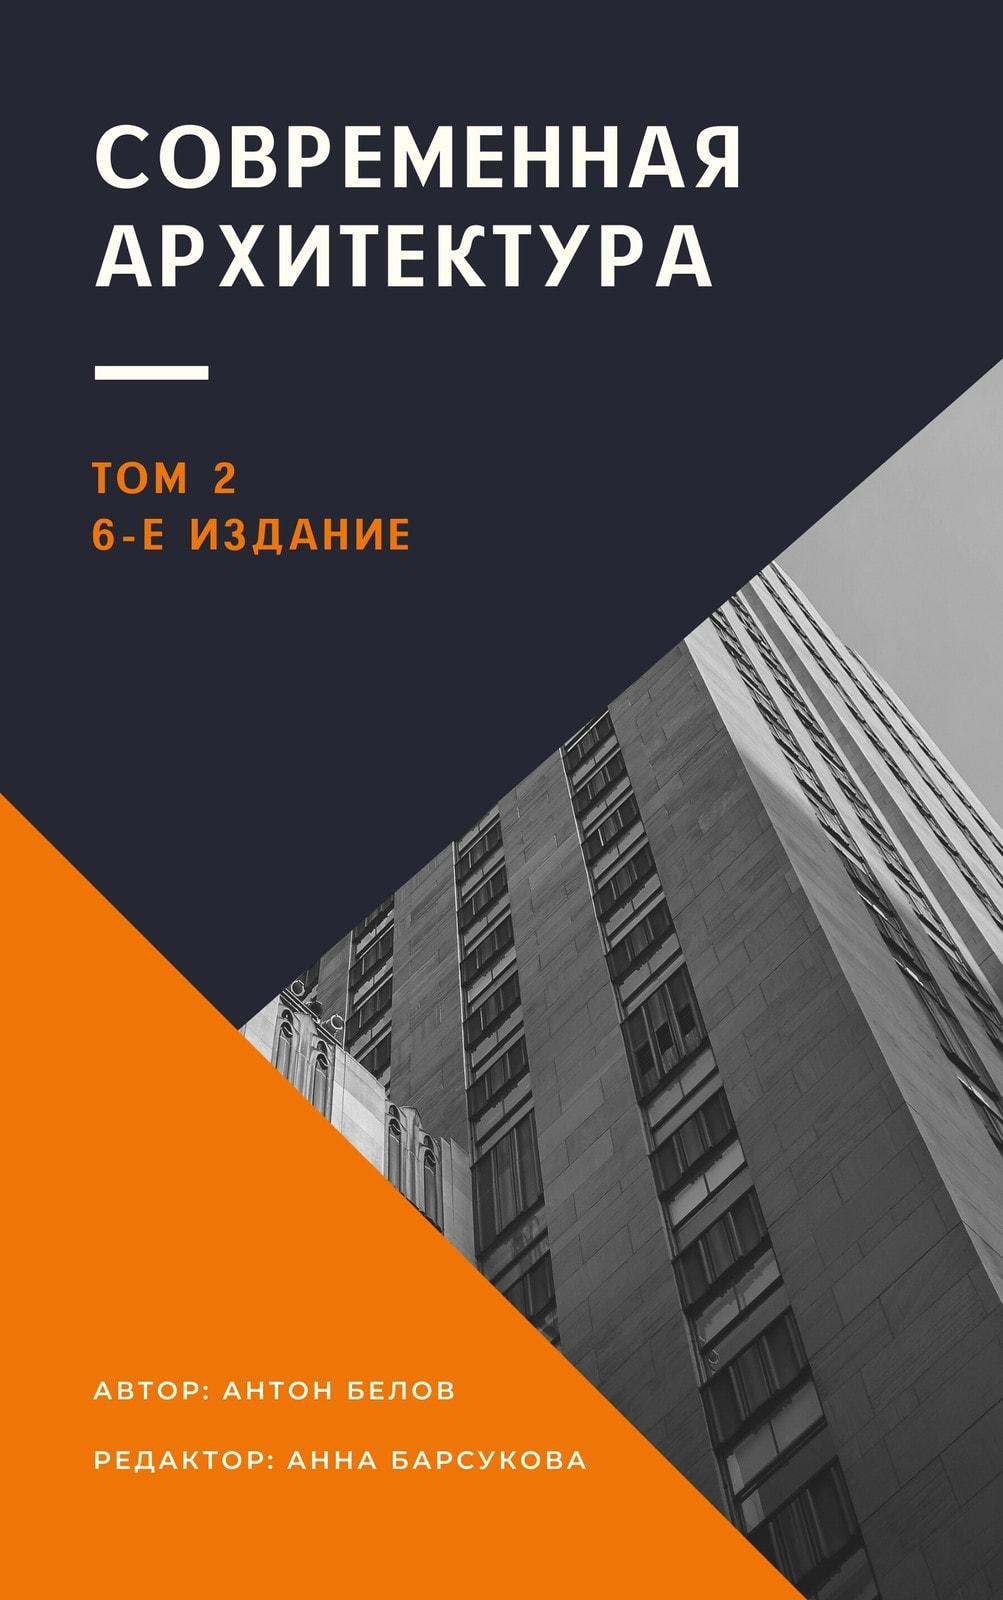 Оранжевый и Темно-Фиолетовый Треугольник Современная Архитектура Обложка Книги